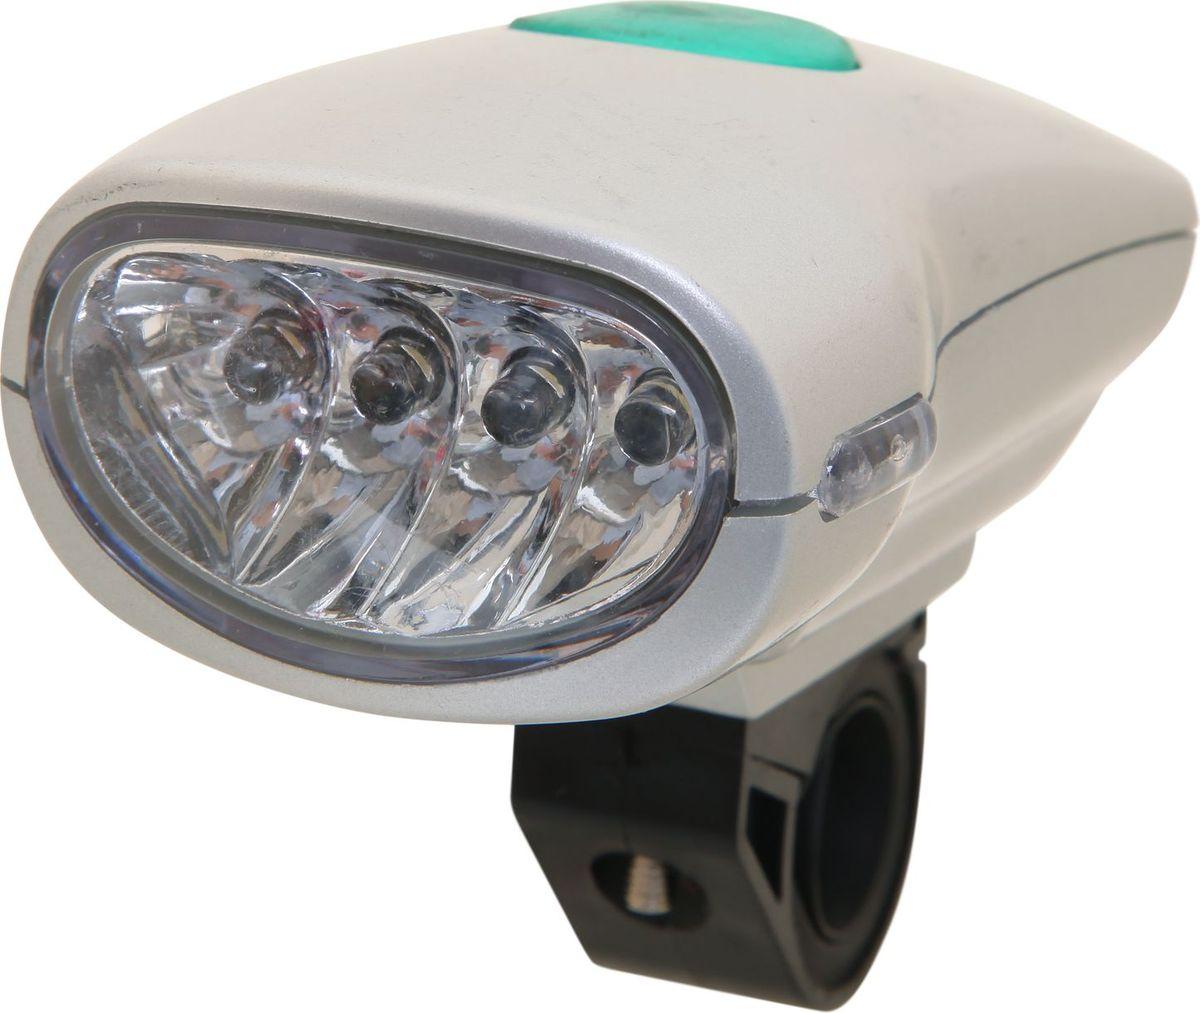 Фонарь велосипедный STG JY-822C, передний, 4 светодиода, 2 функцииFF718LiCDЛегкий и компактный передний фонарь. Используются 4 ярких светодиода, фонарь имеет 2 функции. Экономичное потребление энергии для долгой работы. Для питания используются батарейки АА 4шт, в комплект не входят.